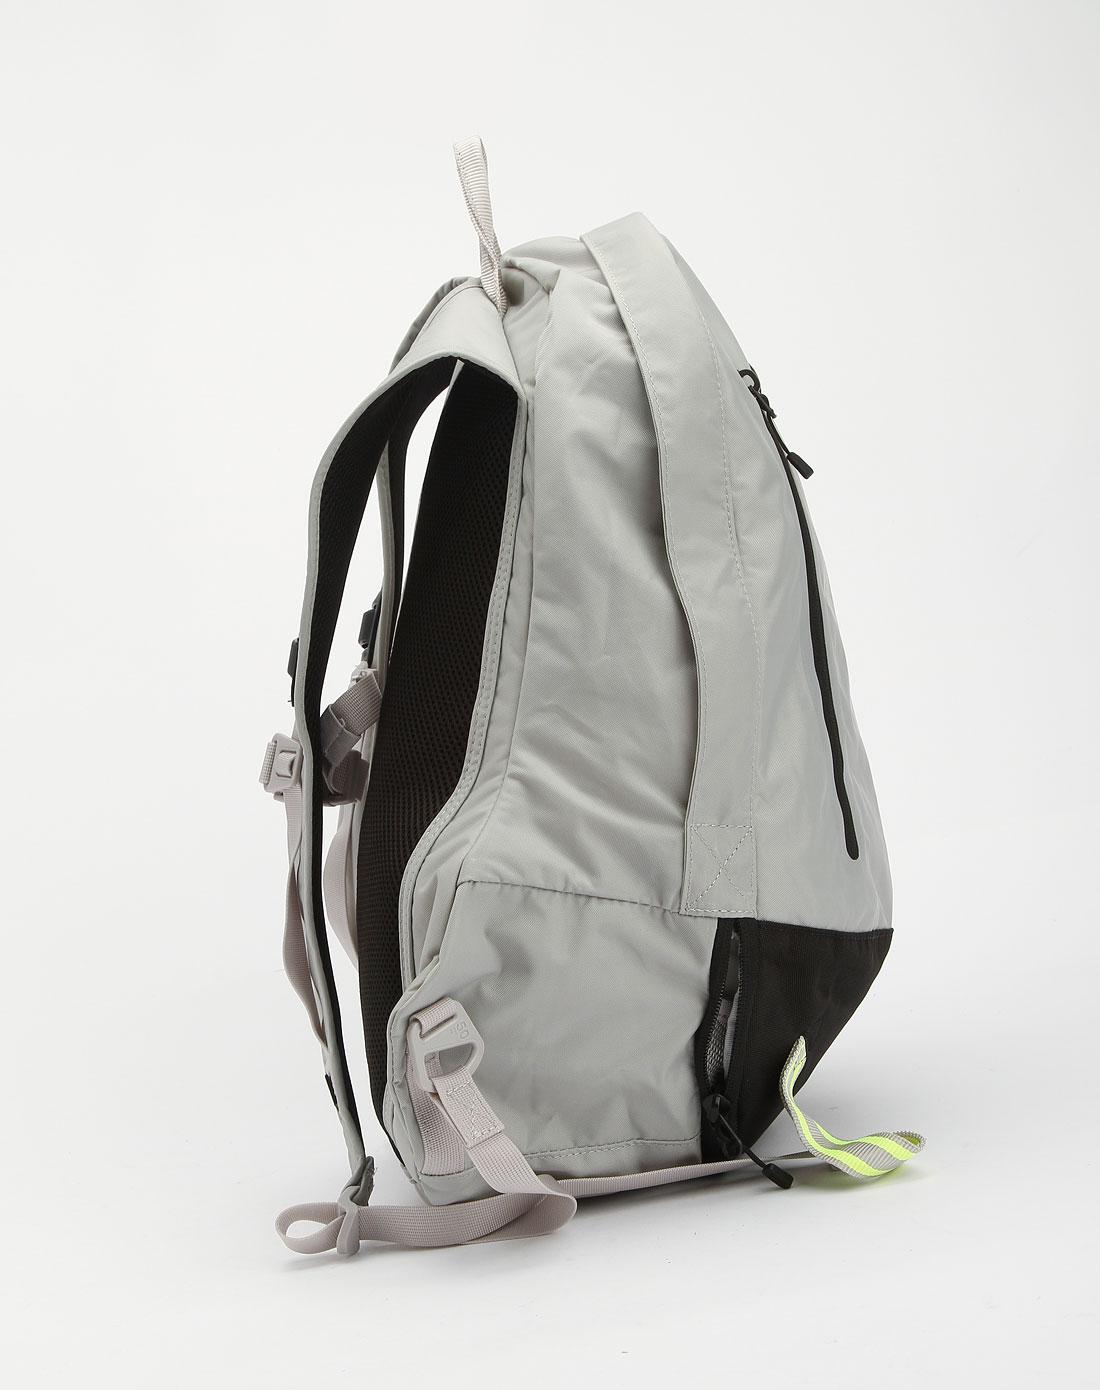 耐克nike-女款灰/黑/荧光绿色时尚双肩包